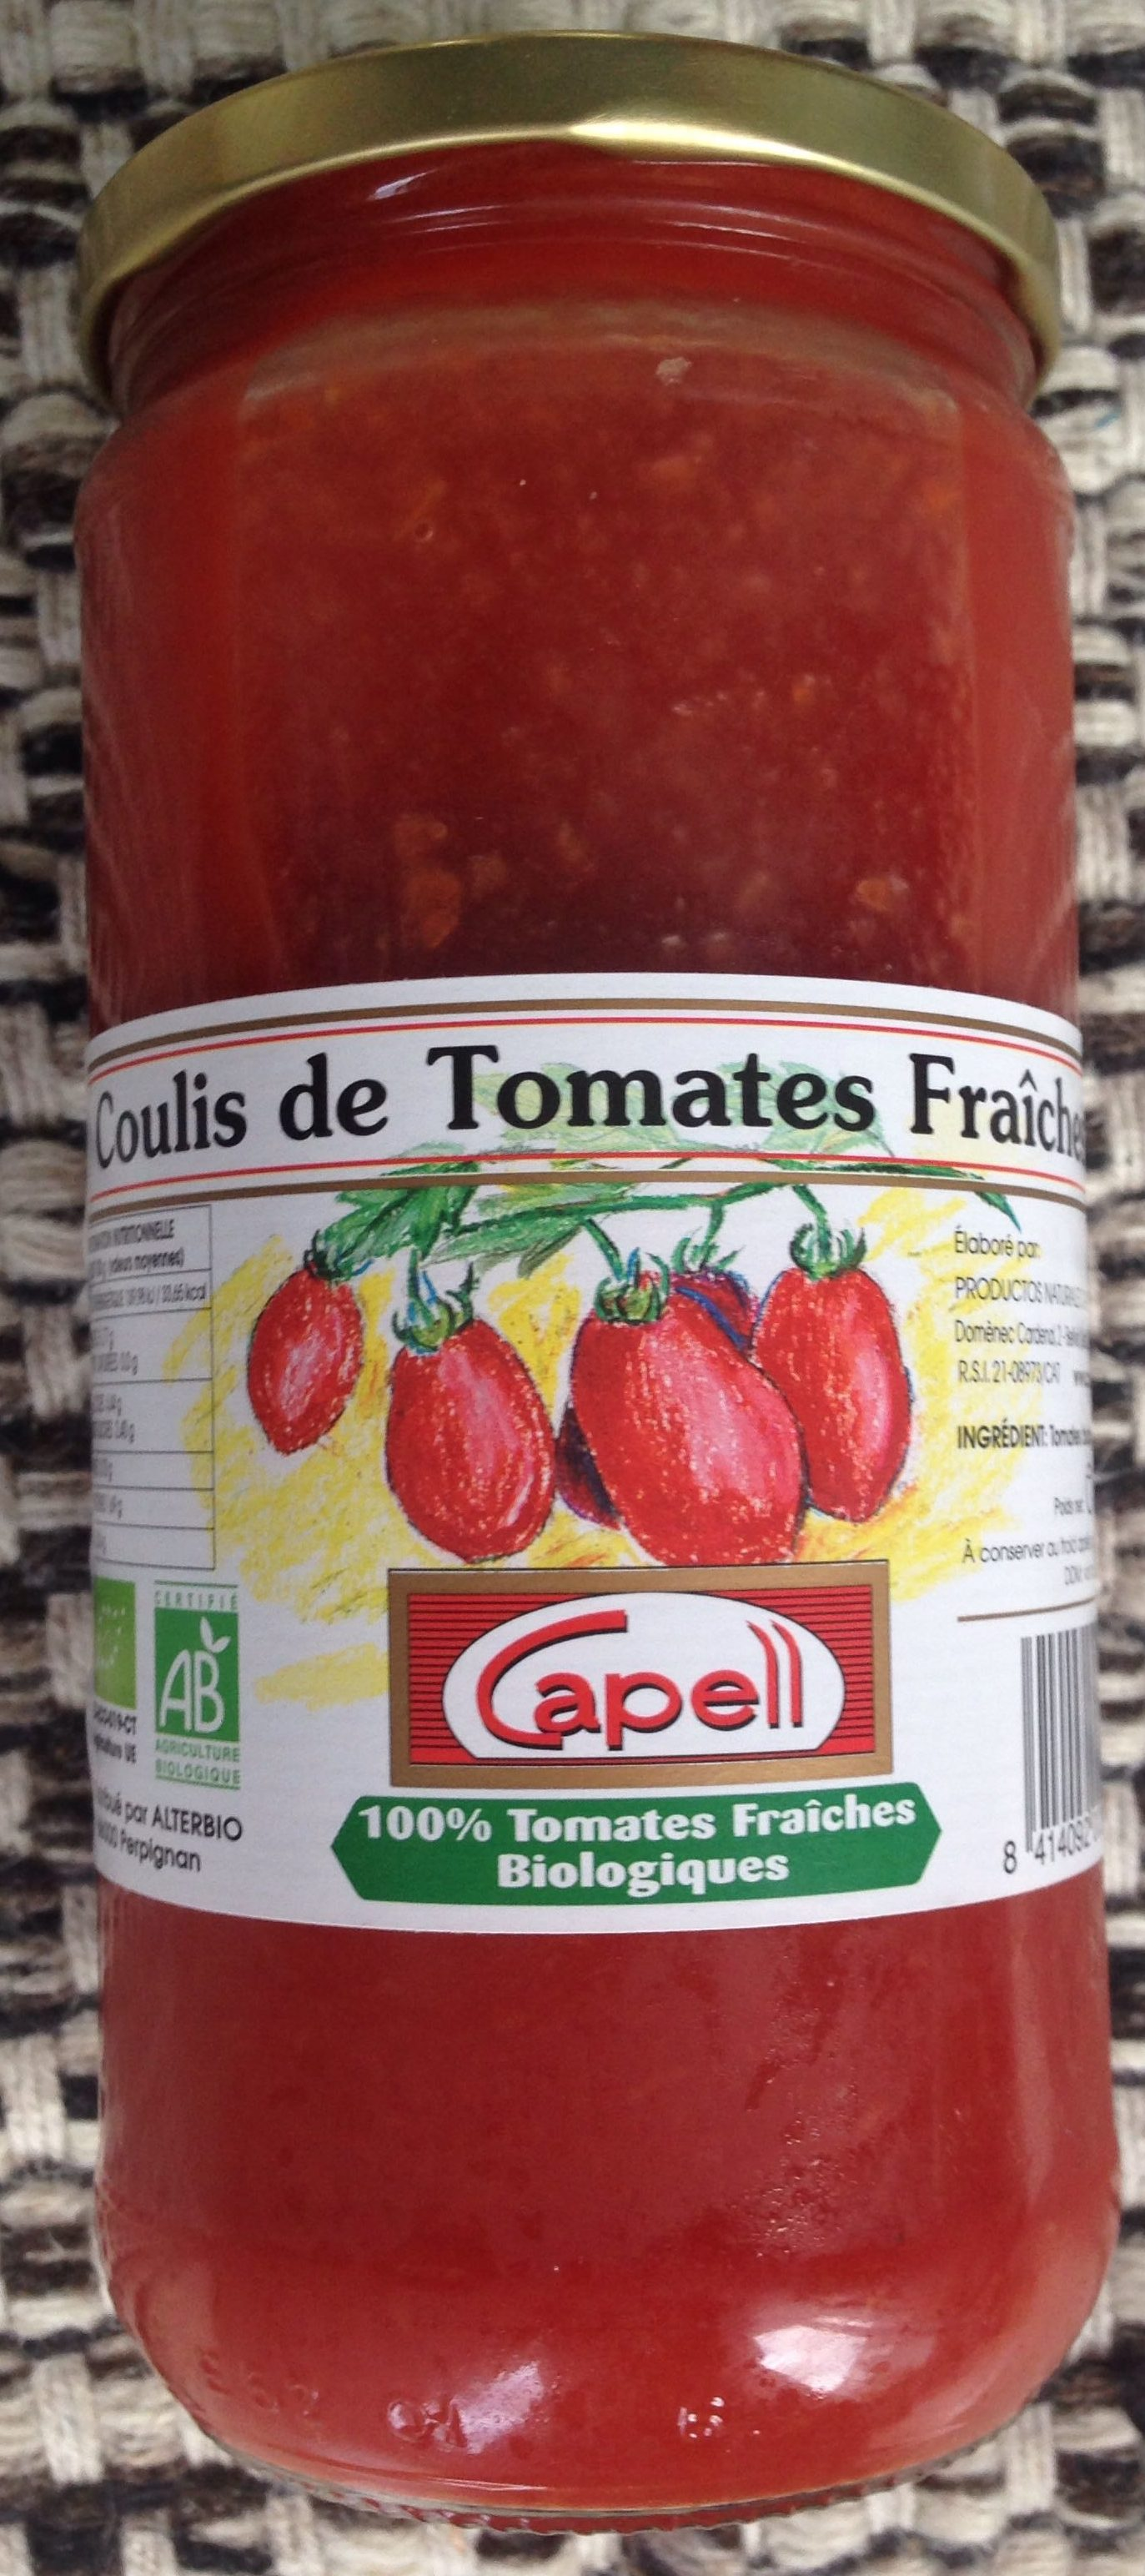 Coulis de Tomates Fraîches - Produit